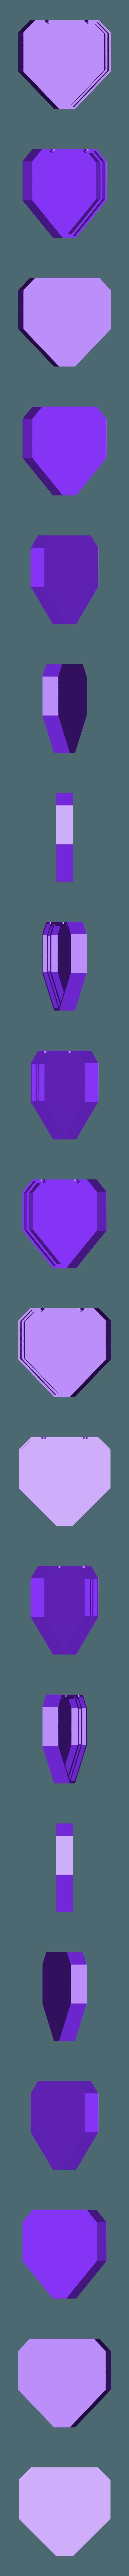 heart-case.stl Télécharger fichier STL gratuit Collier de coeur NeoPixel LED • Plan imprimable en 3D, Adafruit